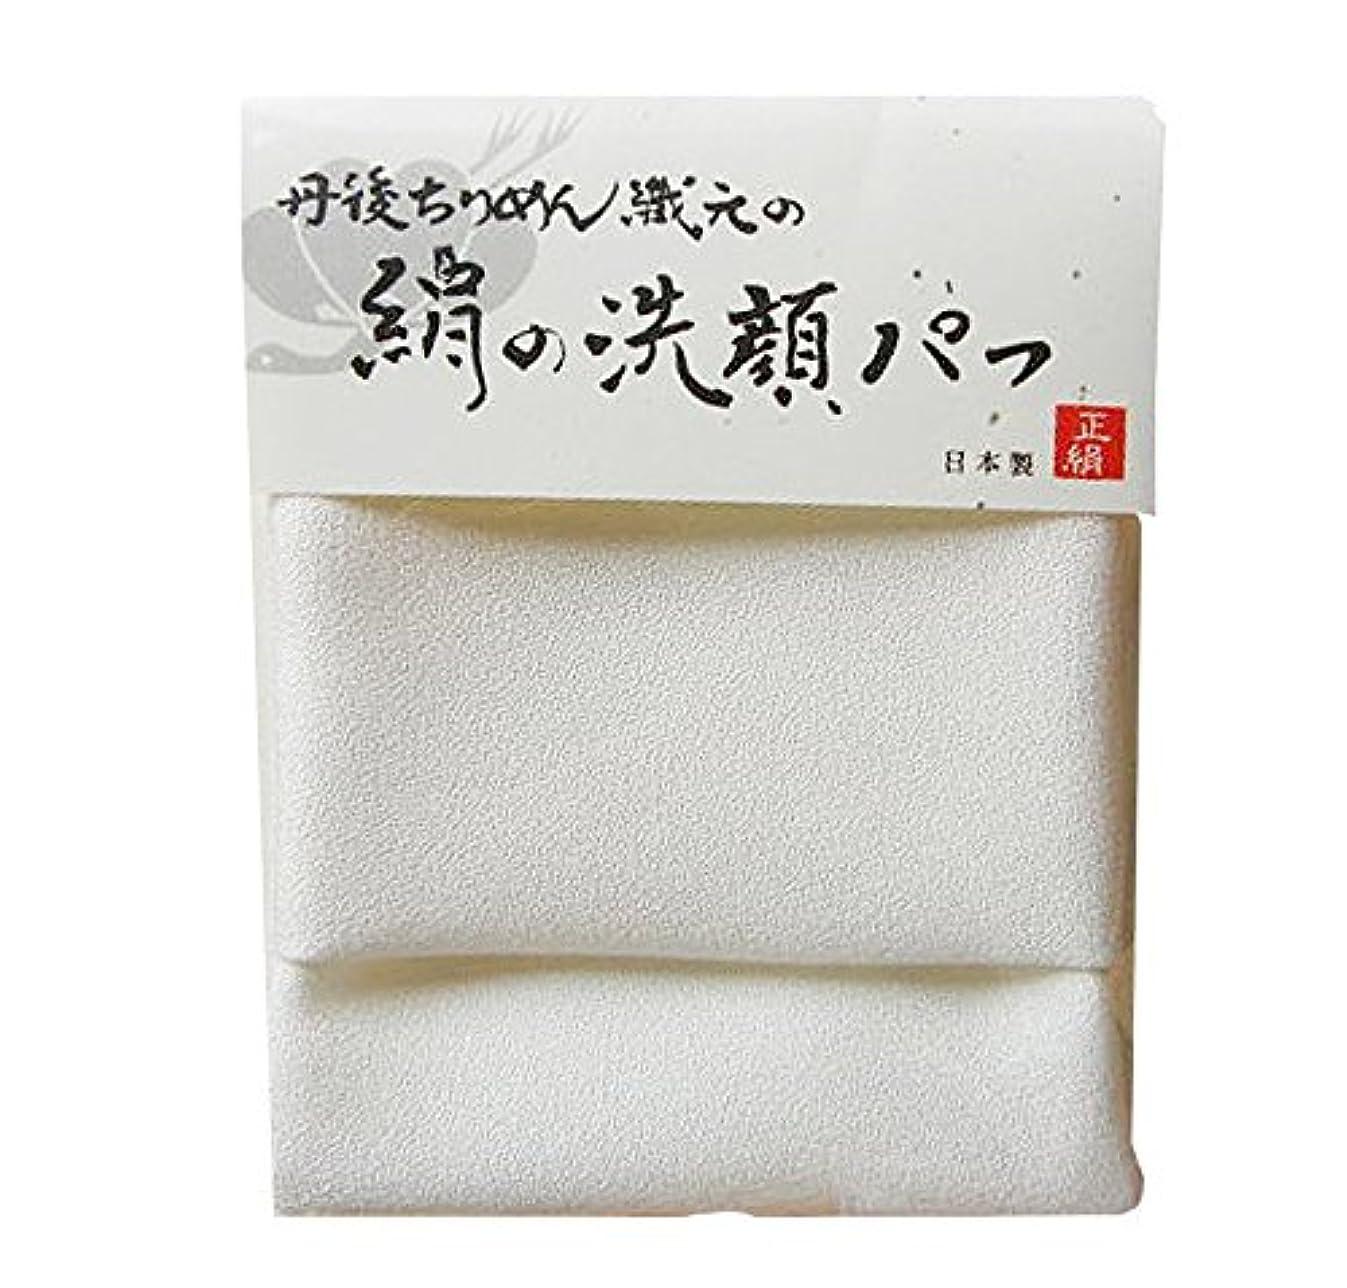 系統的安定した電子レンジ【NHKイッピンで紹介!】丹後ちりめん織元の絹の洗顔パフ